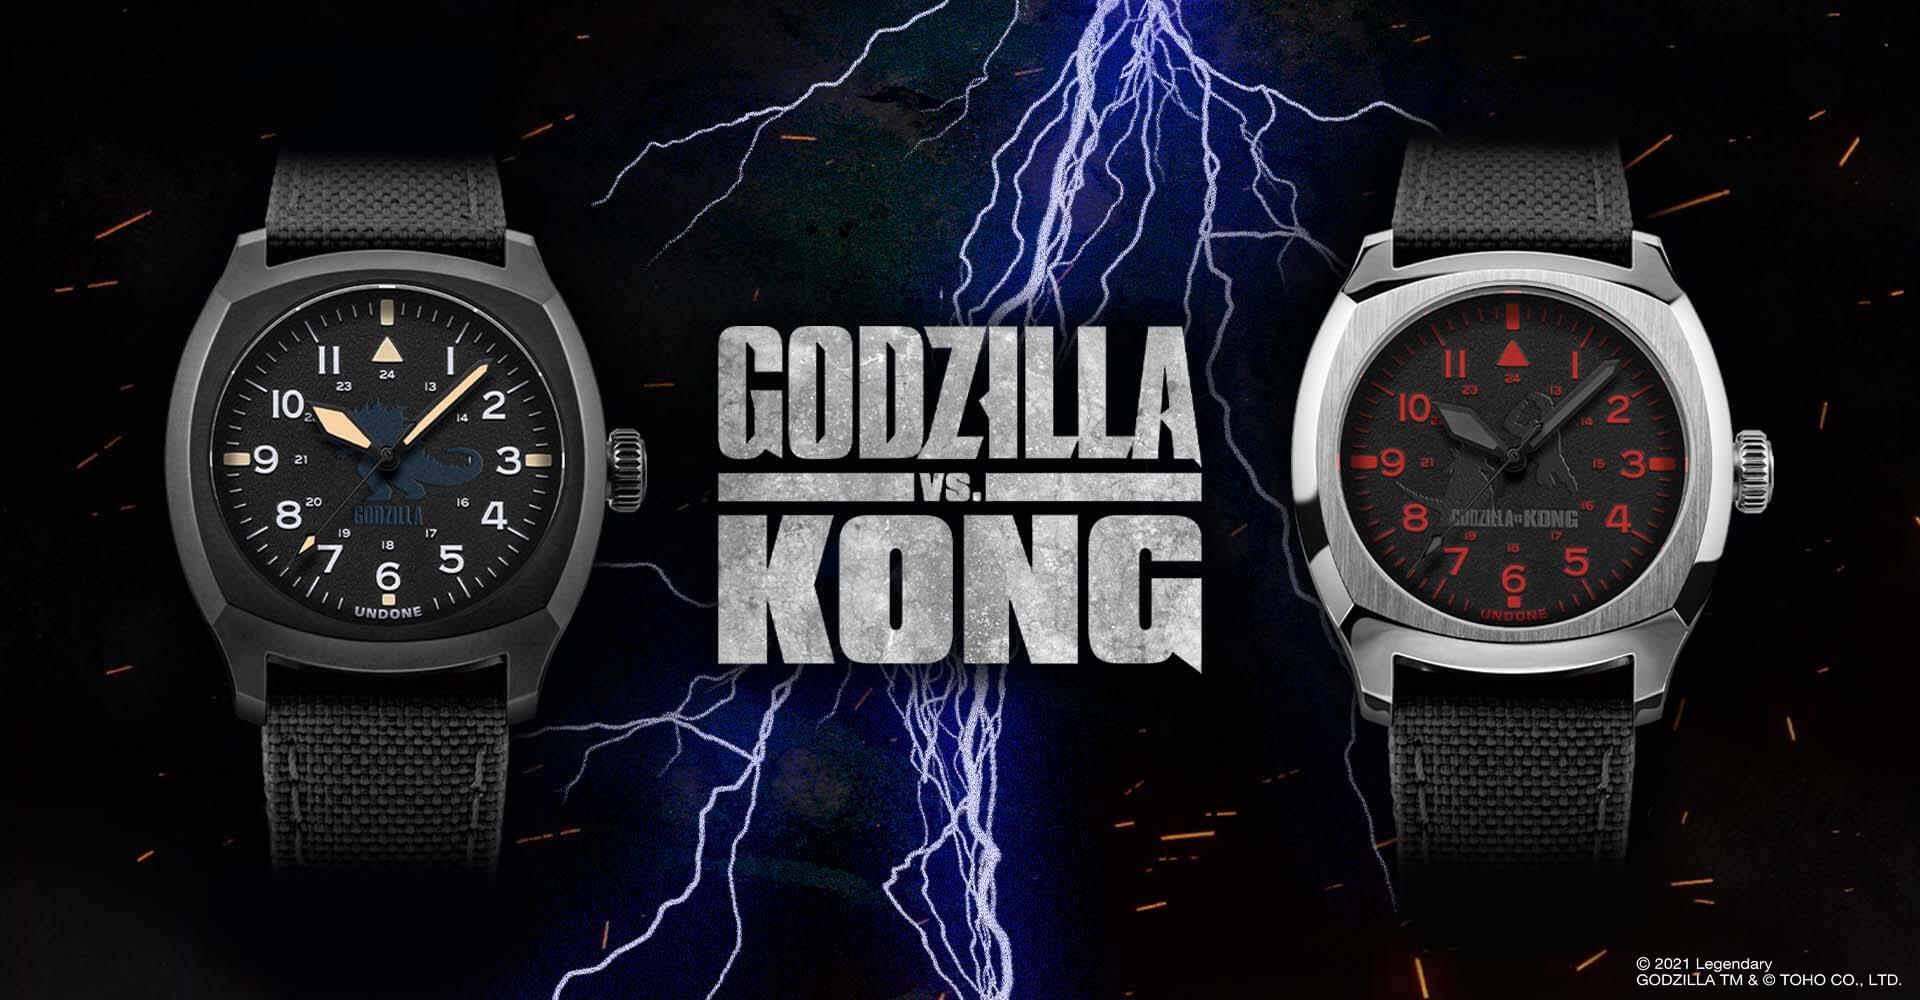 ゴジラとキングコングが腕時計に!UNDONEと『ゴジラvsコング』のコラボウォッチ2モデルが登場 tech210520_undone_godzilla_2